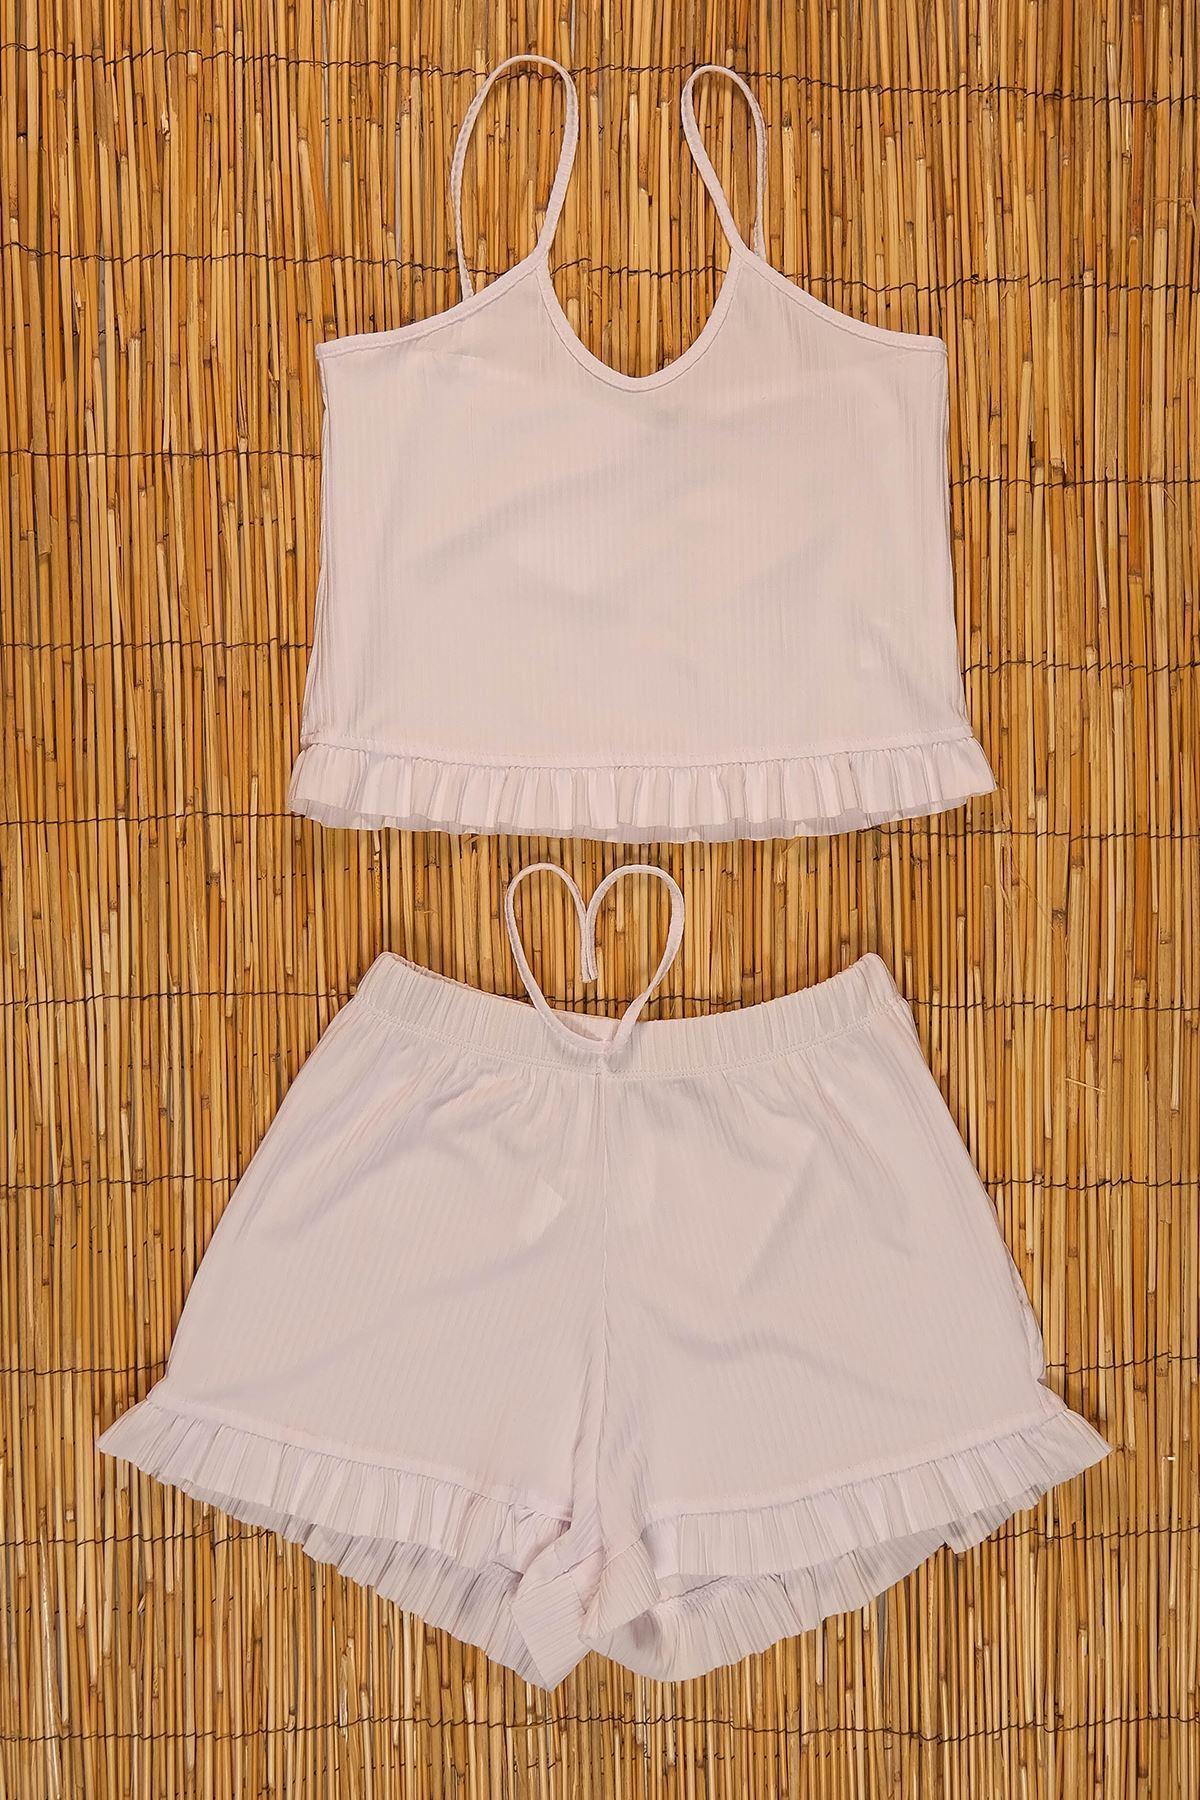 Altı Fırfırlı Şort Takım Beyaz - 19805.200.